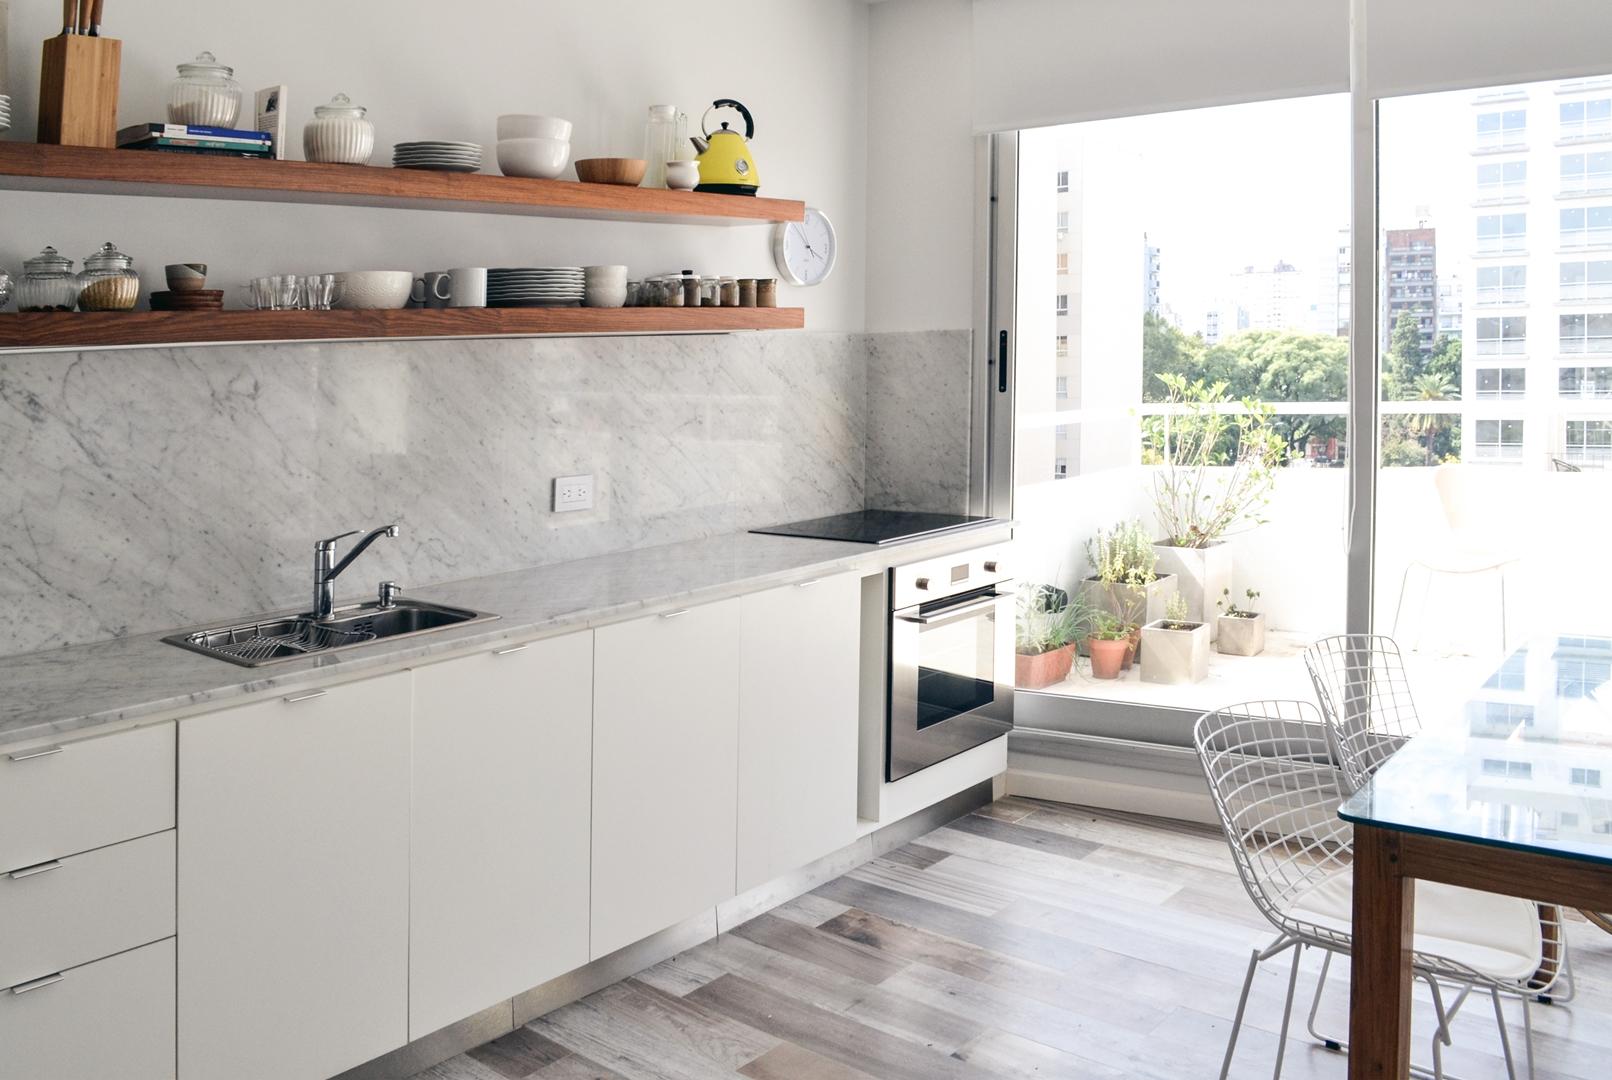 Revista estilo propio arquitectura y dise o arte y for Living comedor cocina mismo ambiente